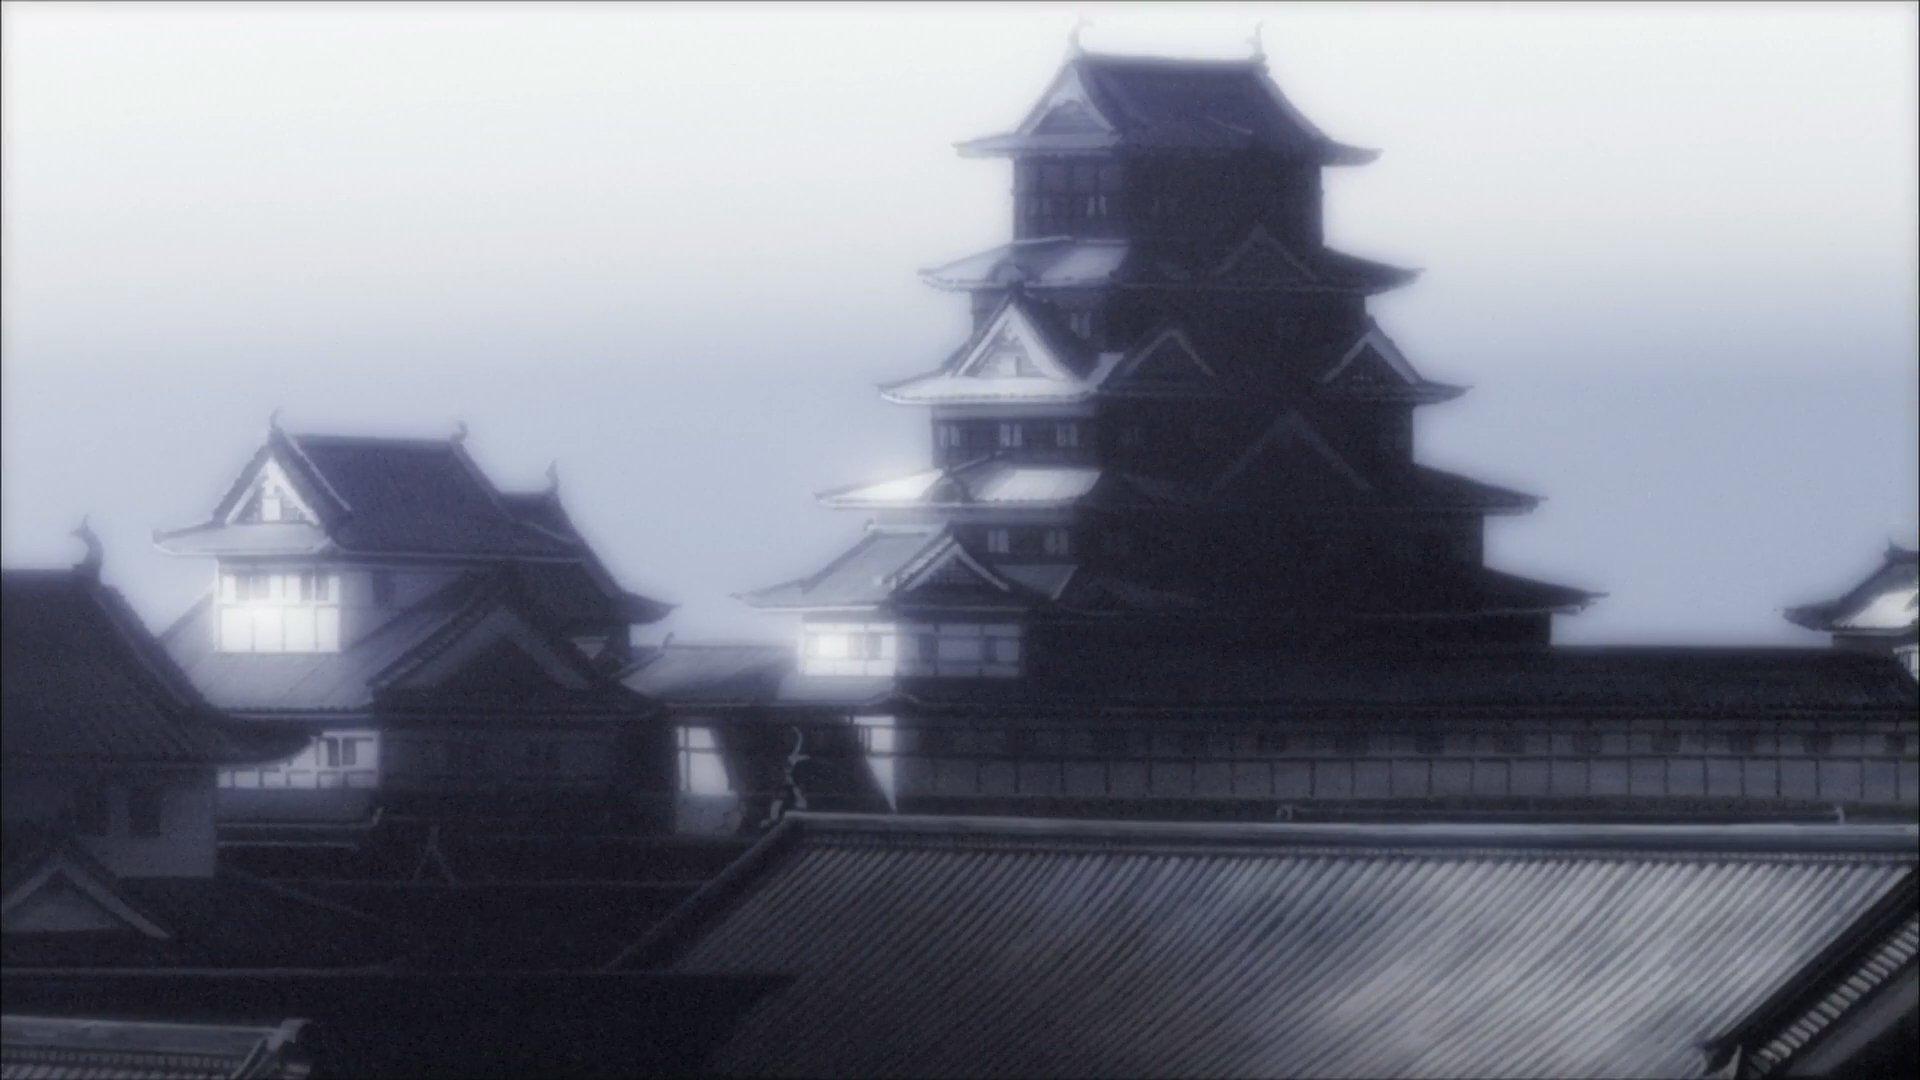 """Мнение об анимационном сериале """"Одержимые смертью"""". - Изображение 5"""